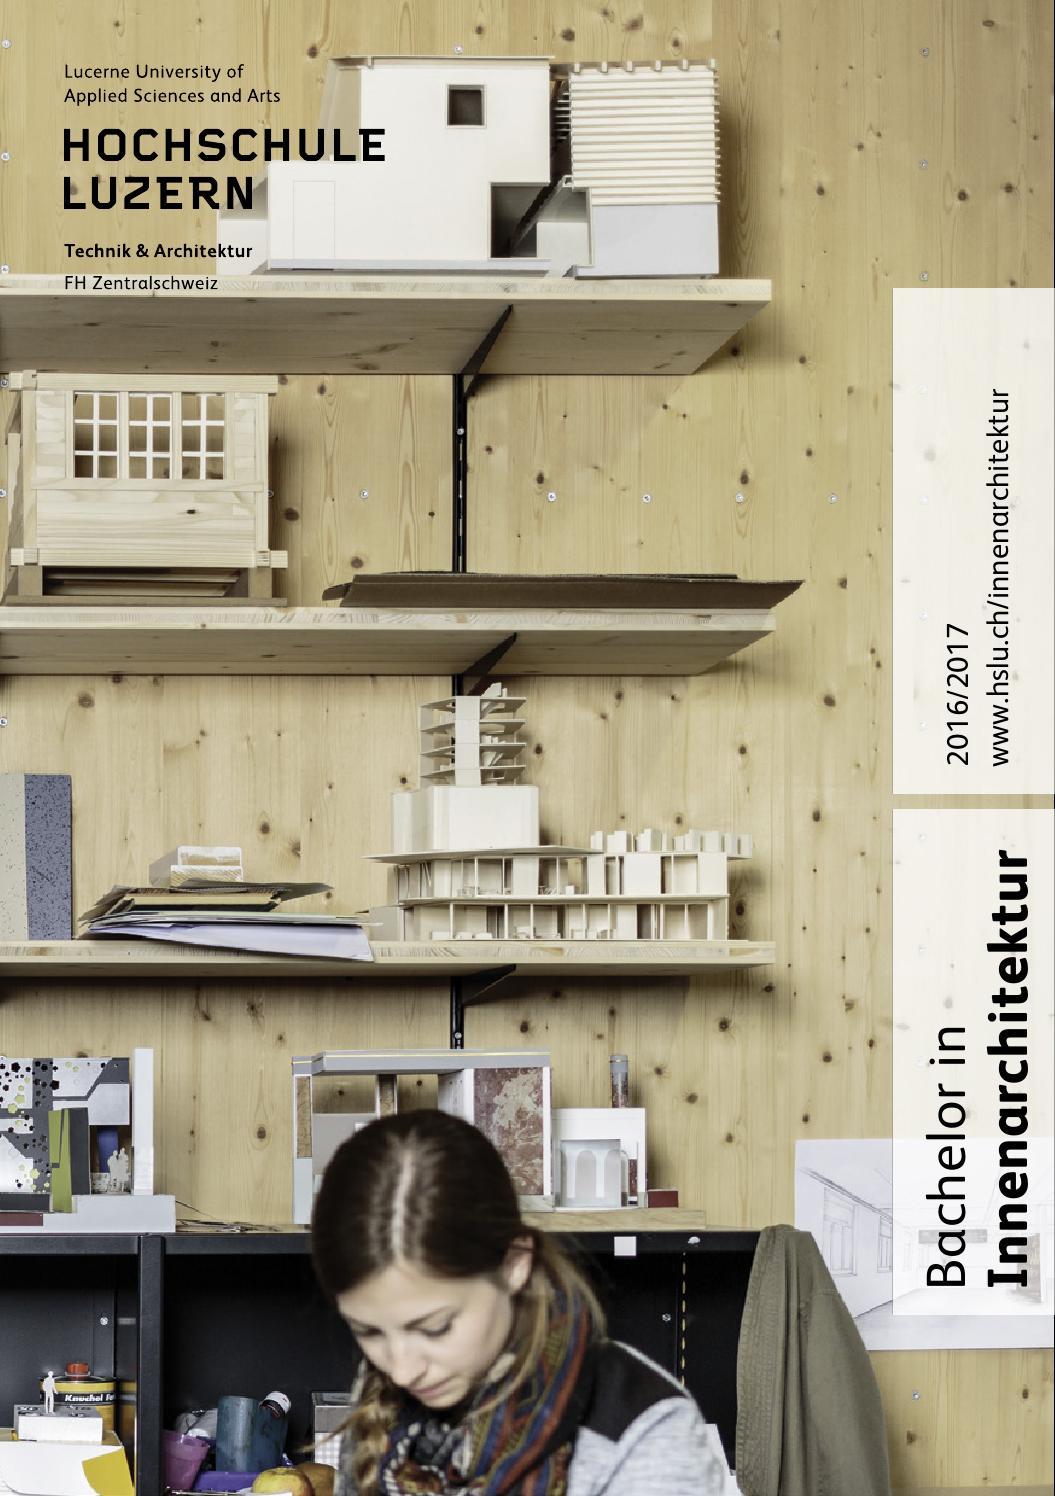 Studienf hrer bachelor innenarchitektur 2016 2017 by for Innenarchitektur bachelor